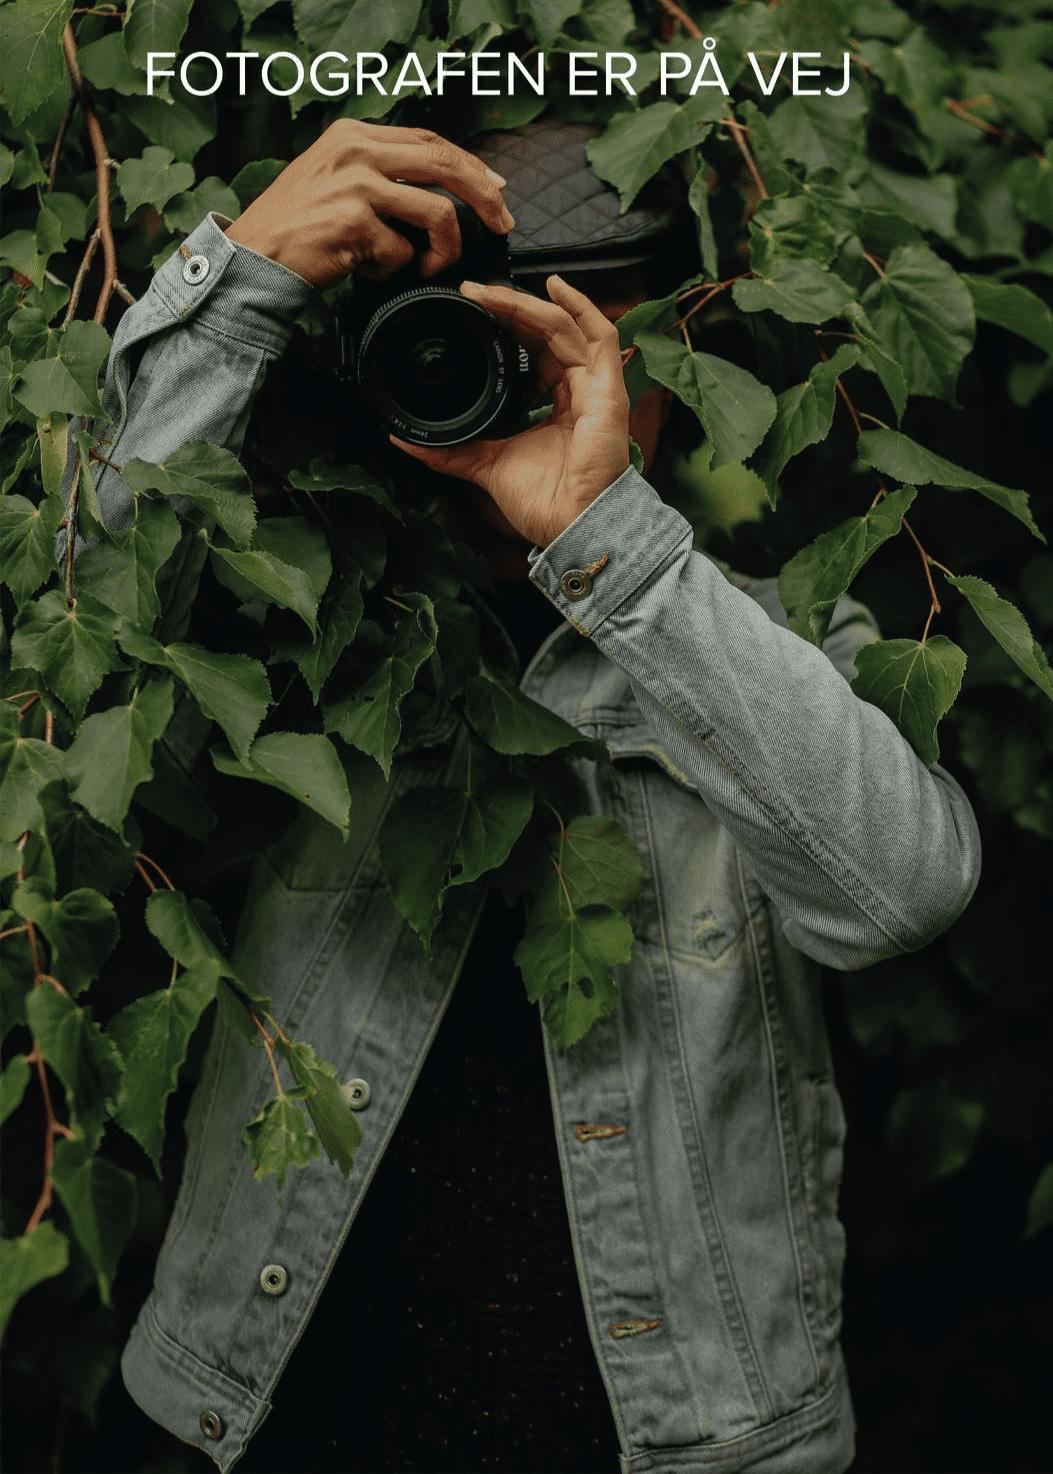 Fotografen Er På Vej, Medarbejderbillede Optimized